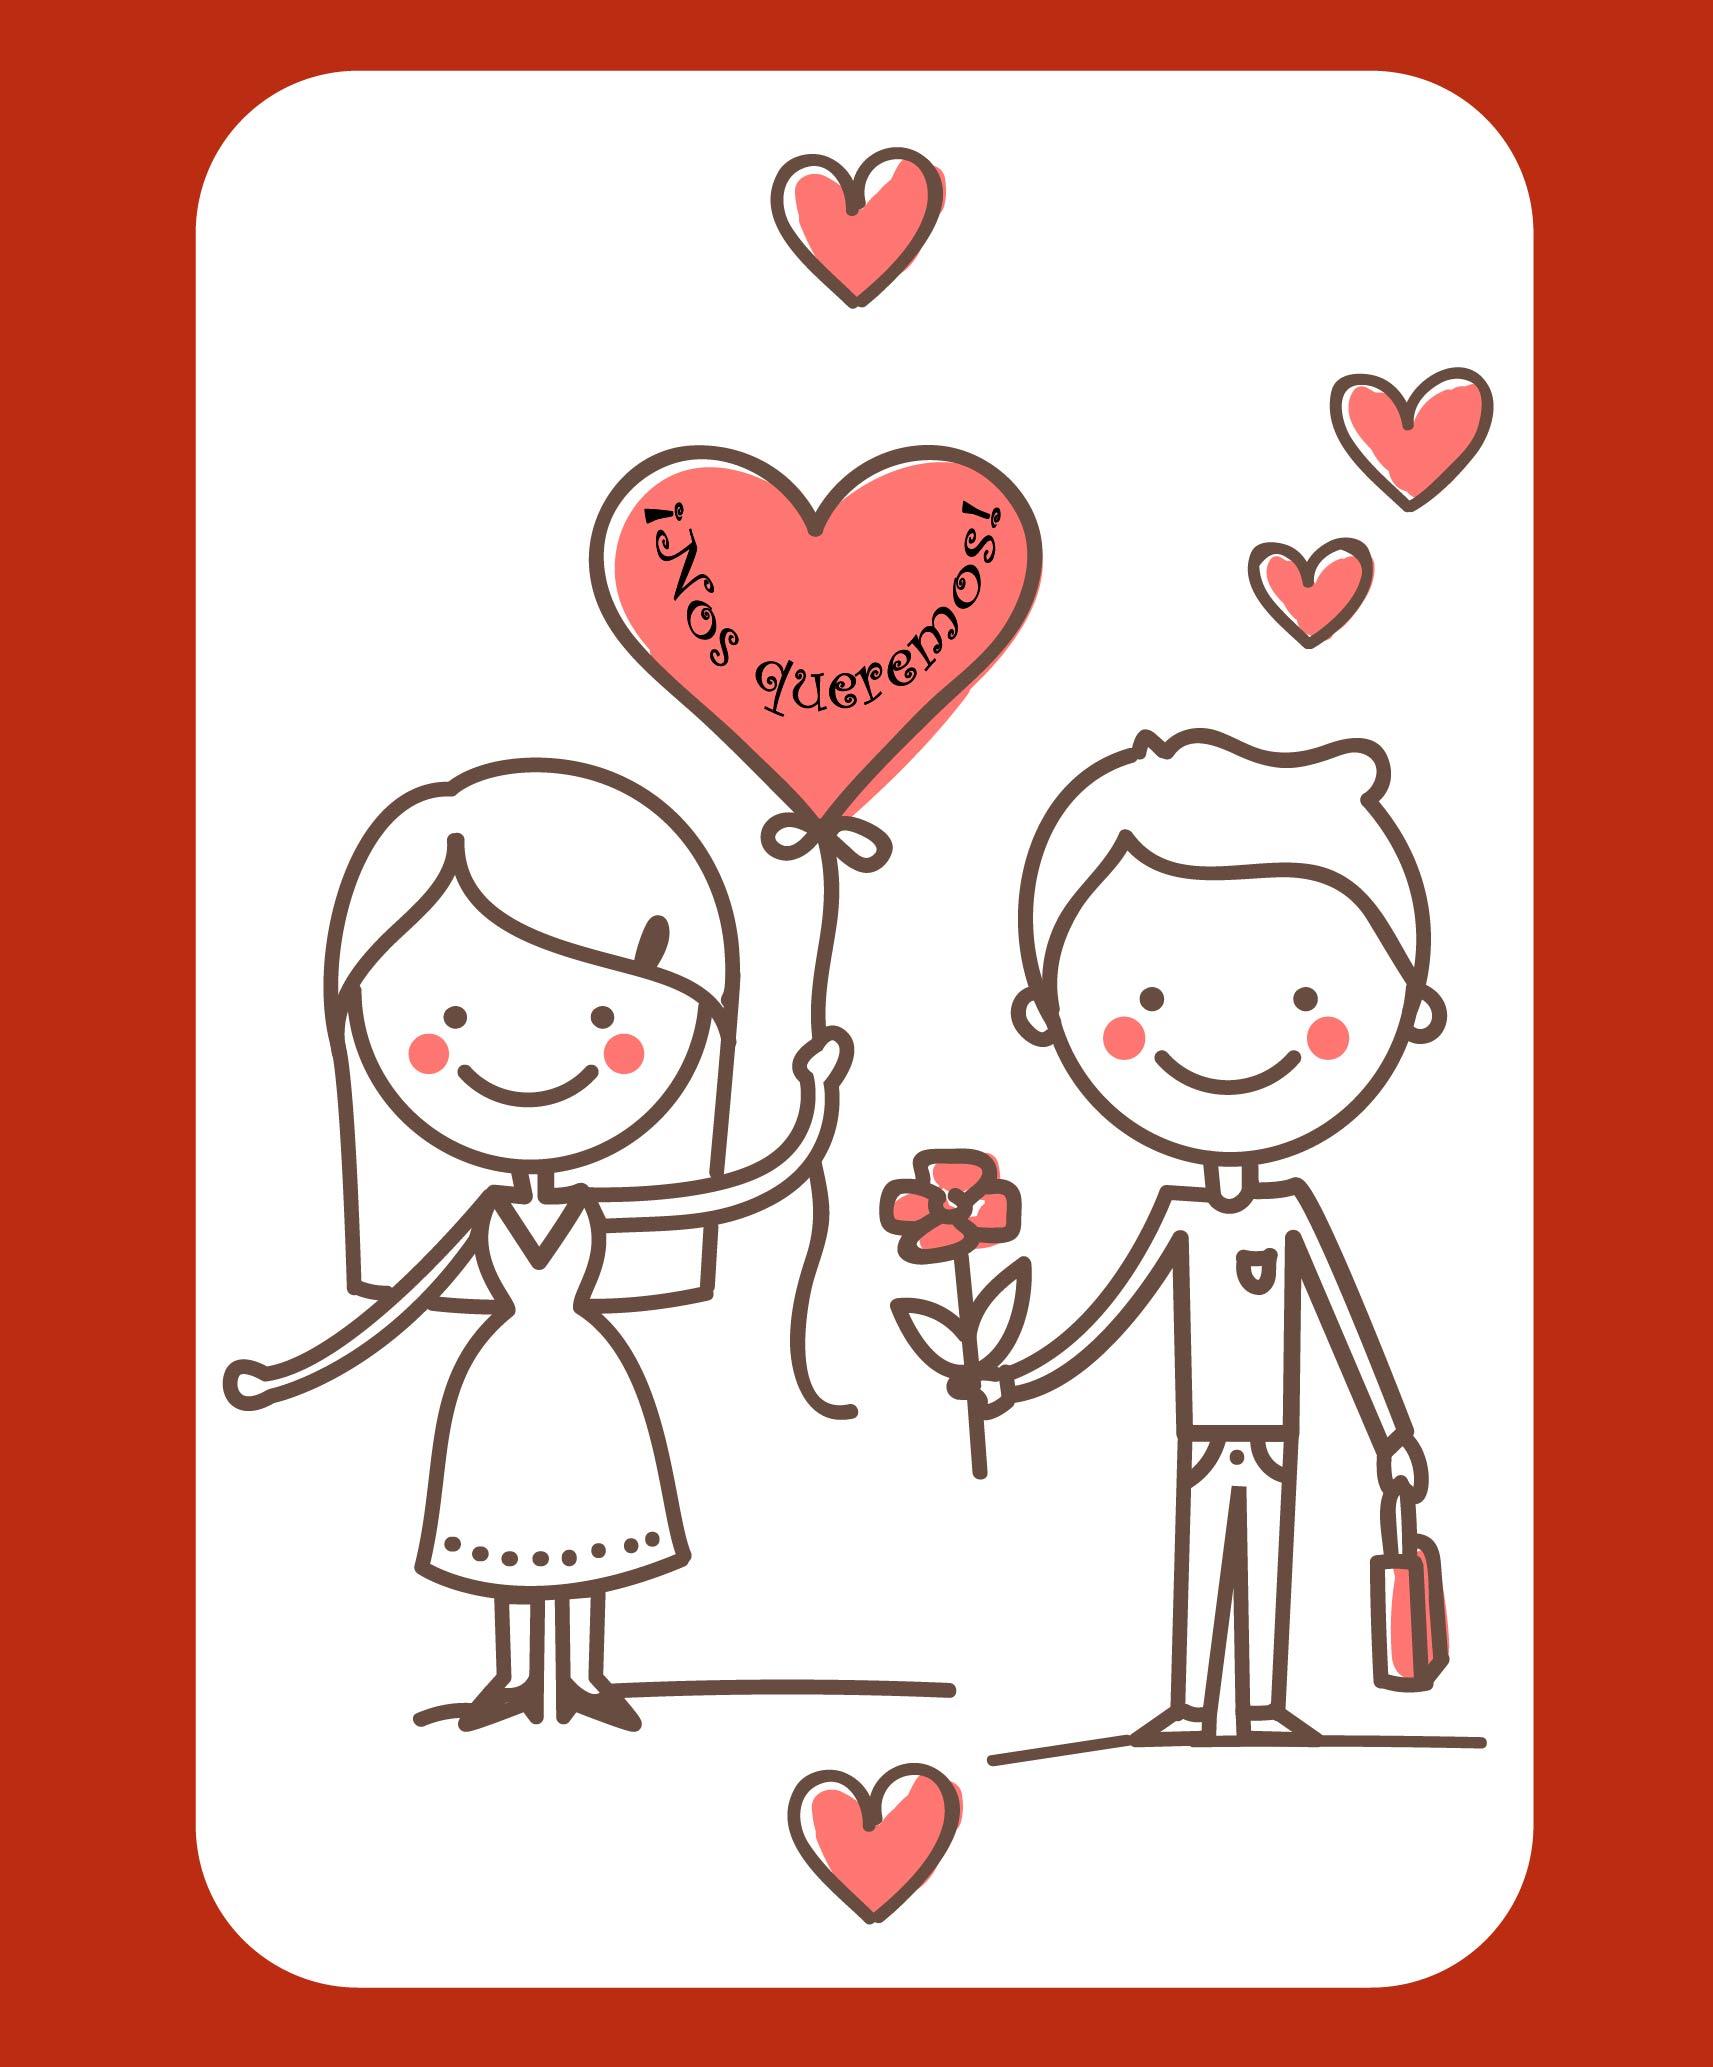 San Valentín: el porqué de un día del amor